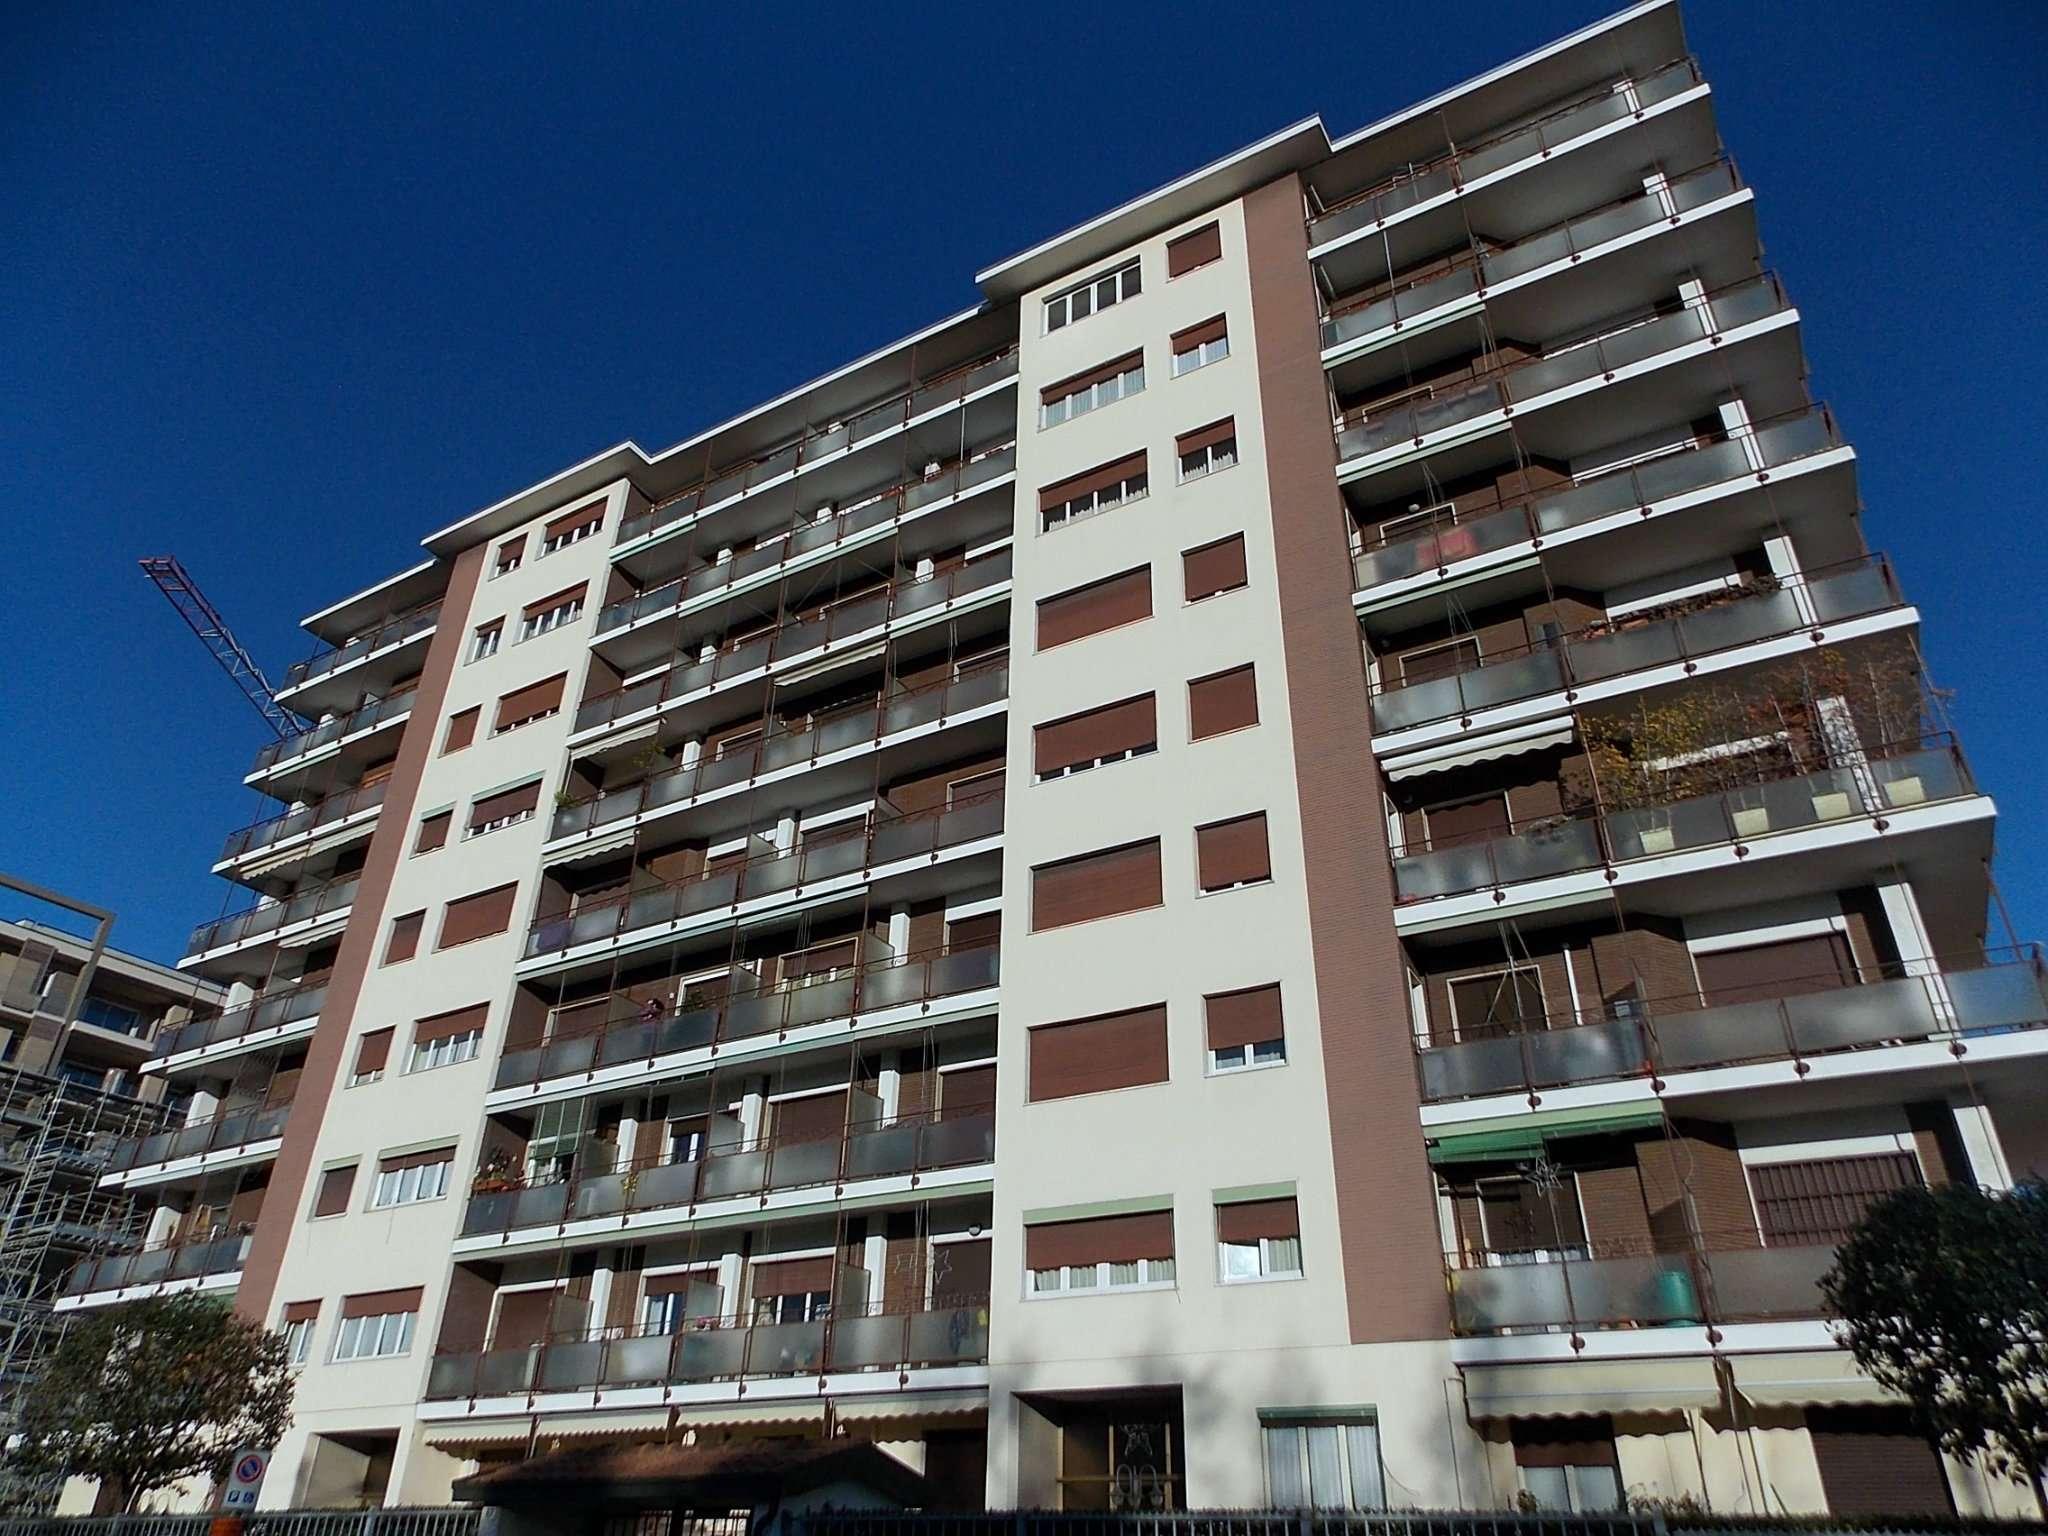 Appartamento in vendita a Lissone, 3 locali, prezzo € 119.000 | PortaleAgenzieImmobiliari.it